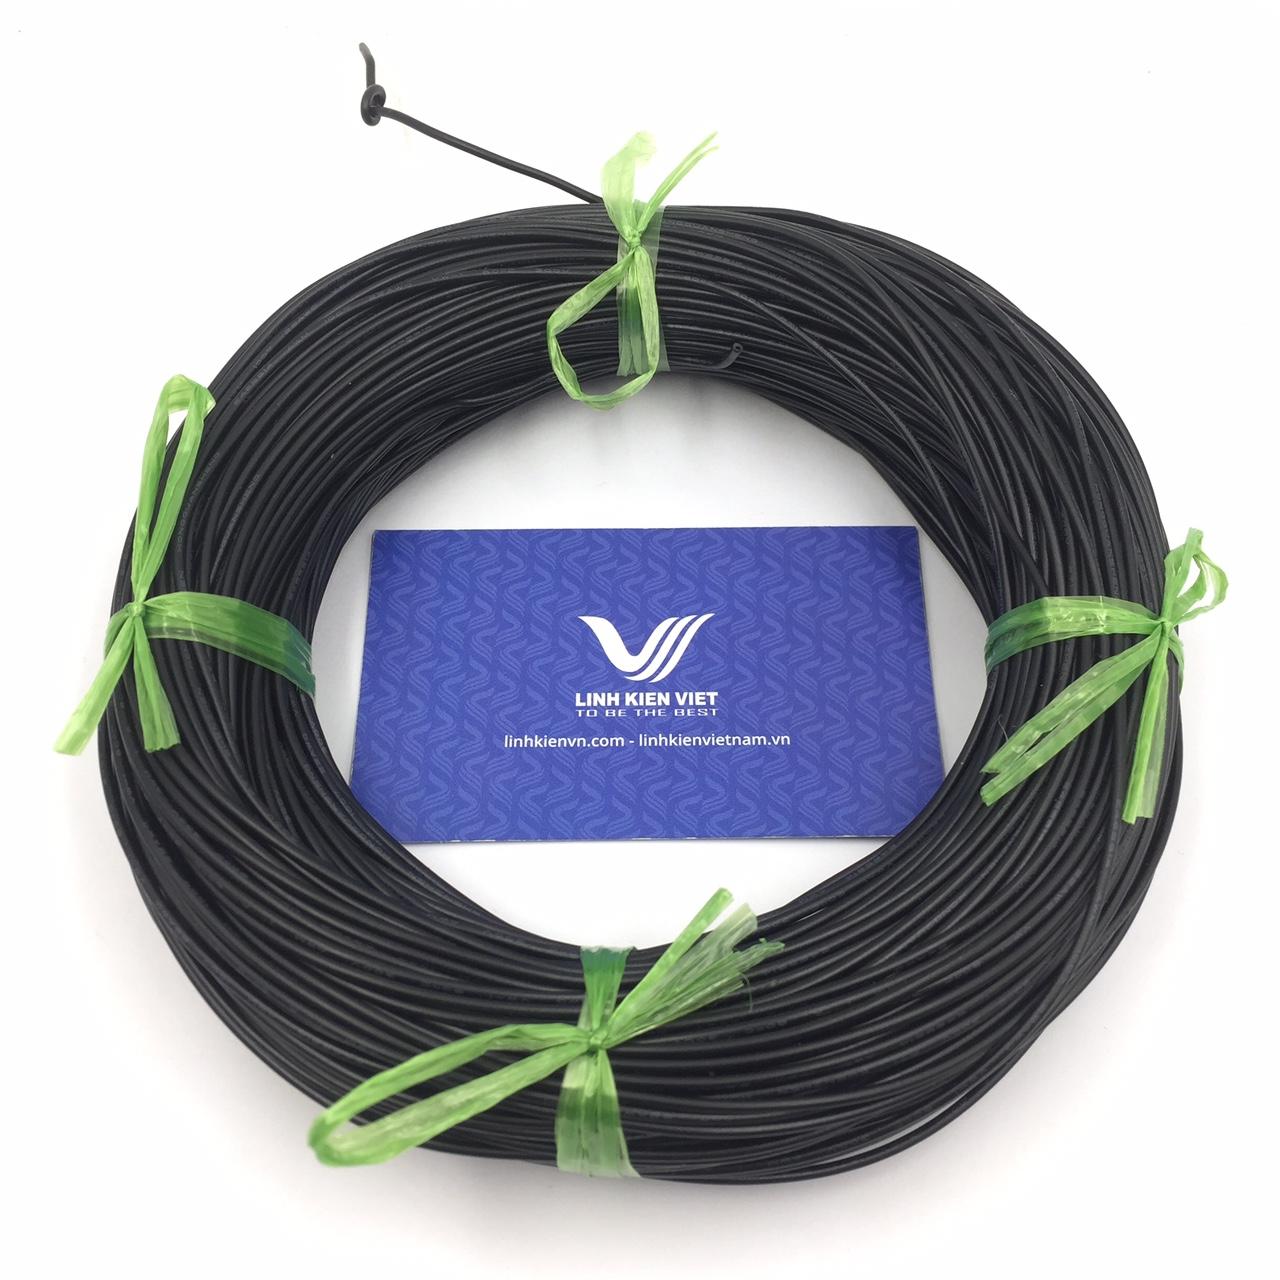 Cuộn dây điện 100m UL 1007 22AWG - màu đen